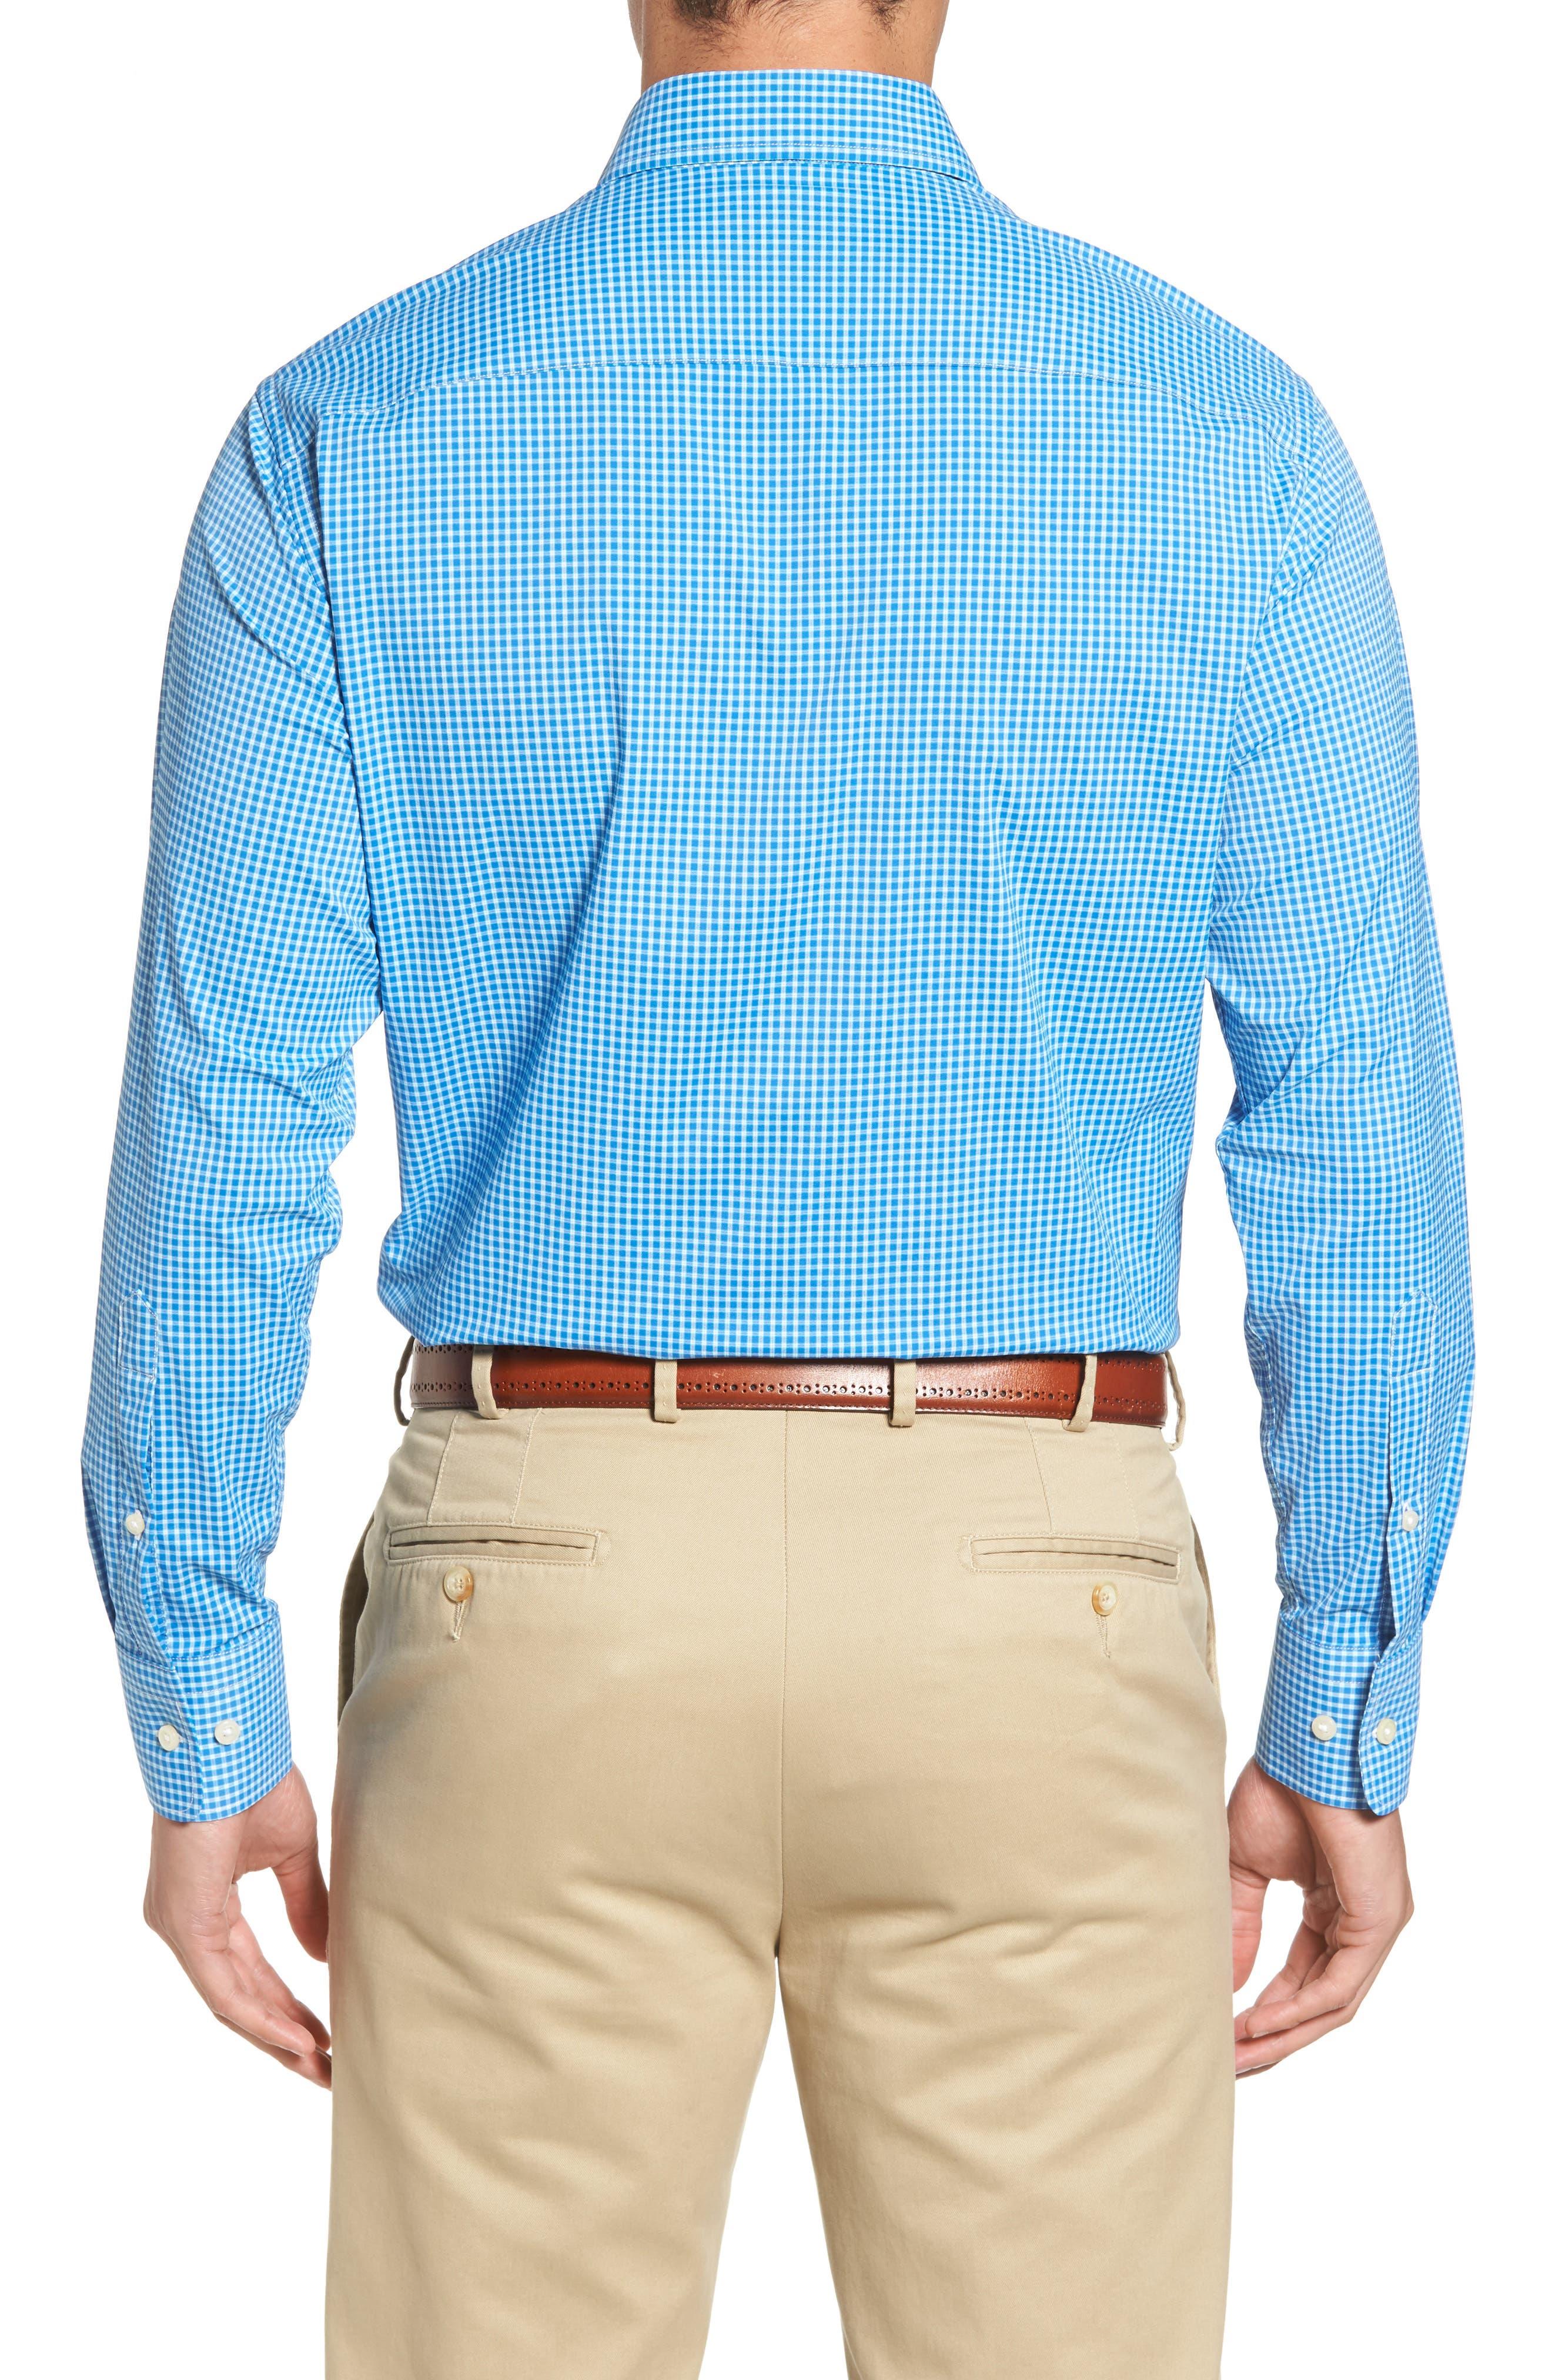 Statler Regular Fit Check Performance Sport Shirt,                             Alternate thumbnail 2, color,                             403